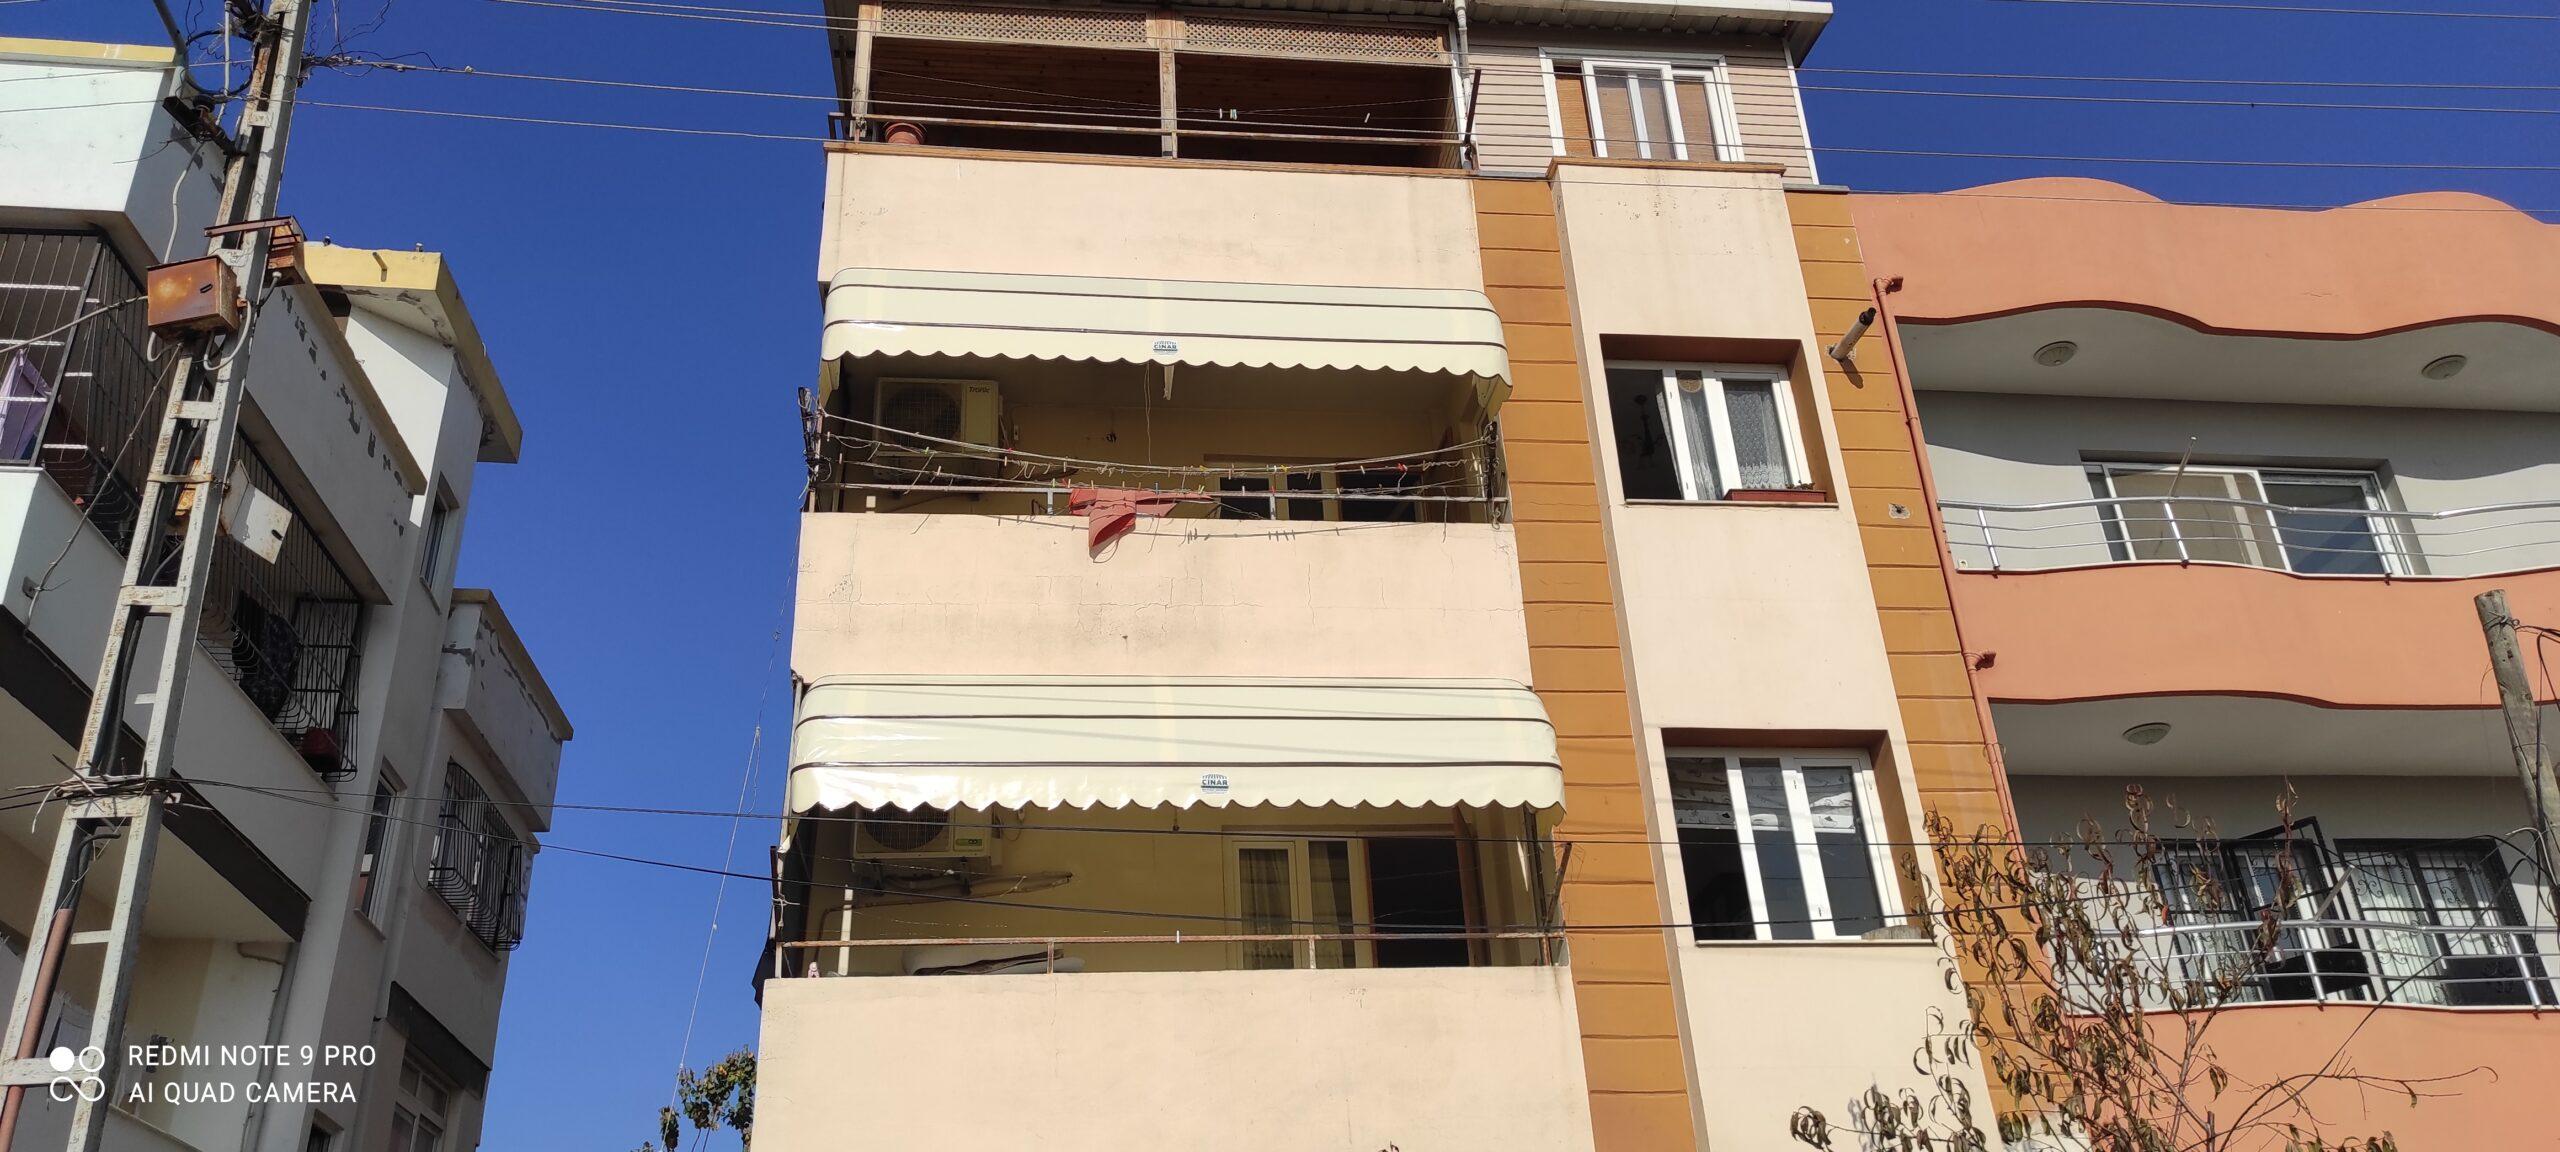 Körüklü Tente Montajımız adana Bahçeşehir mahallesine hayırlı olsun